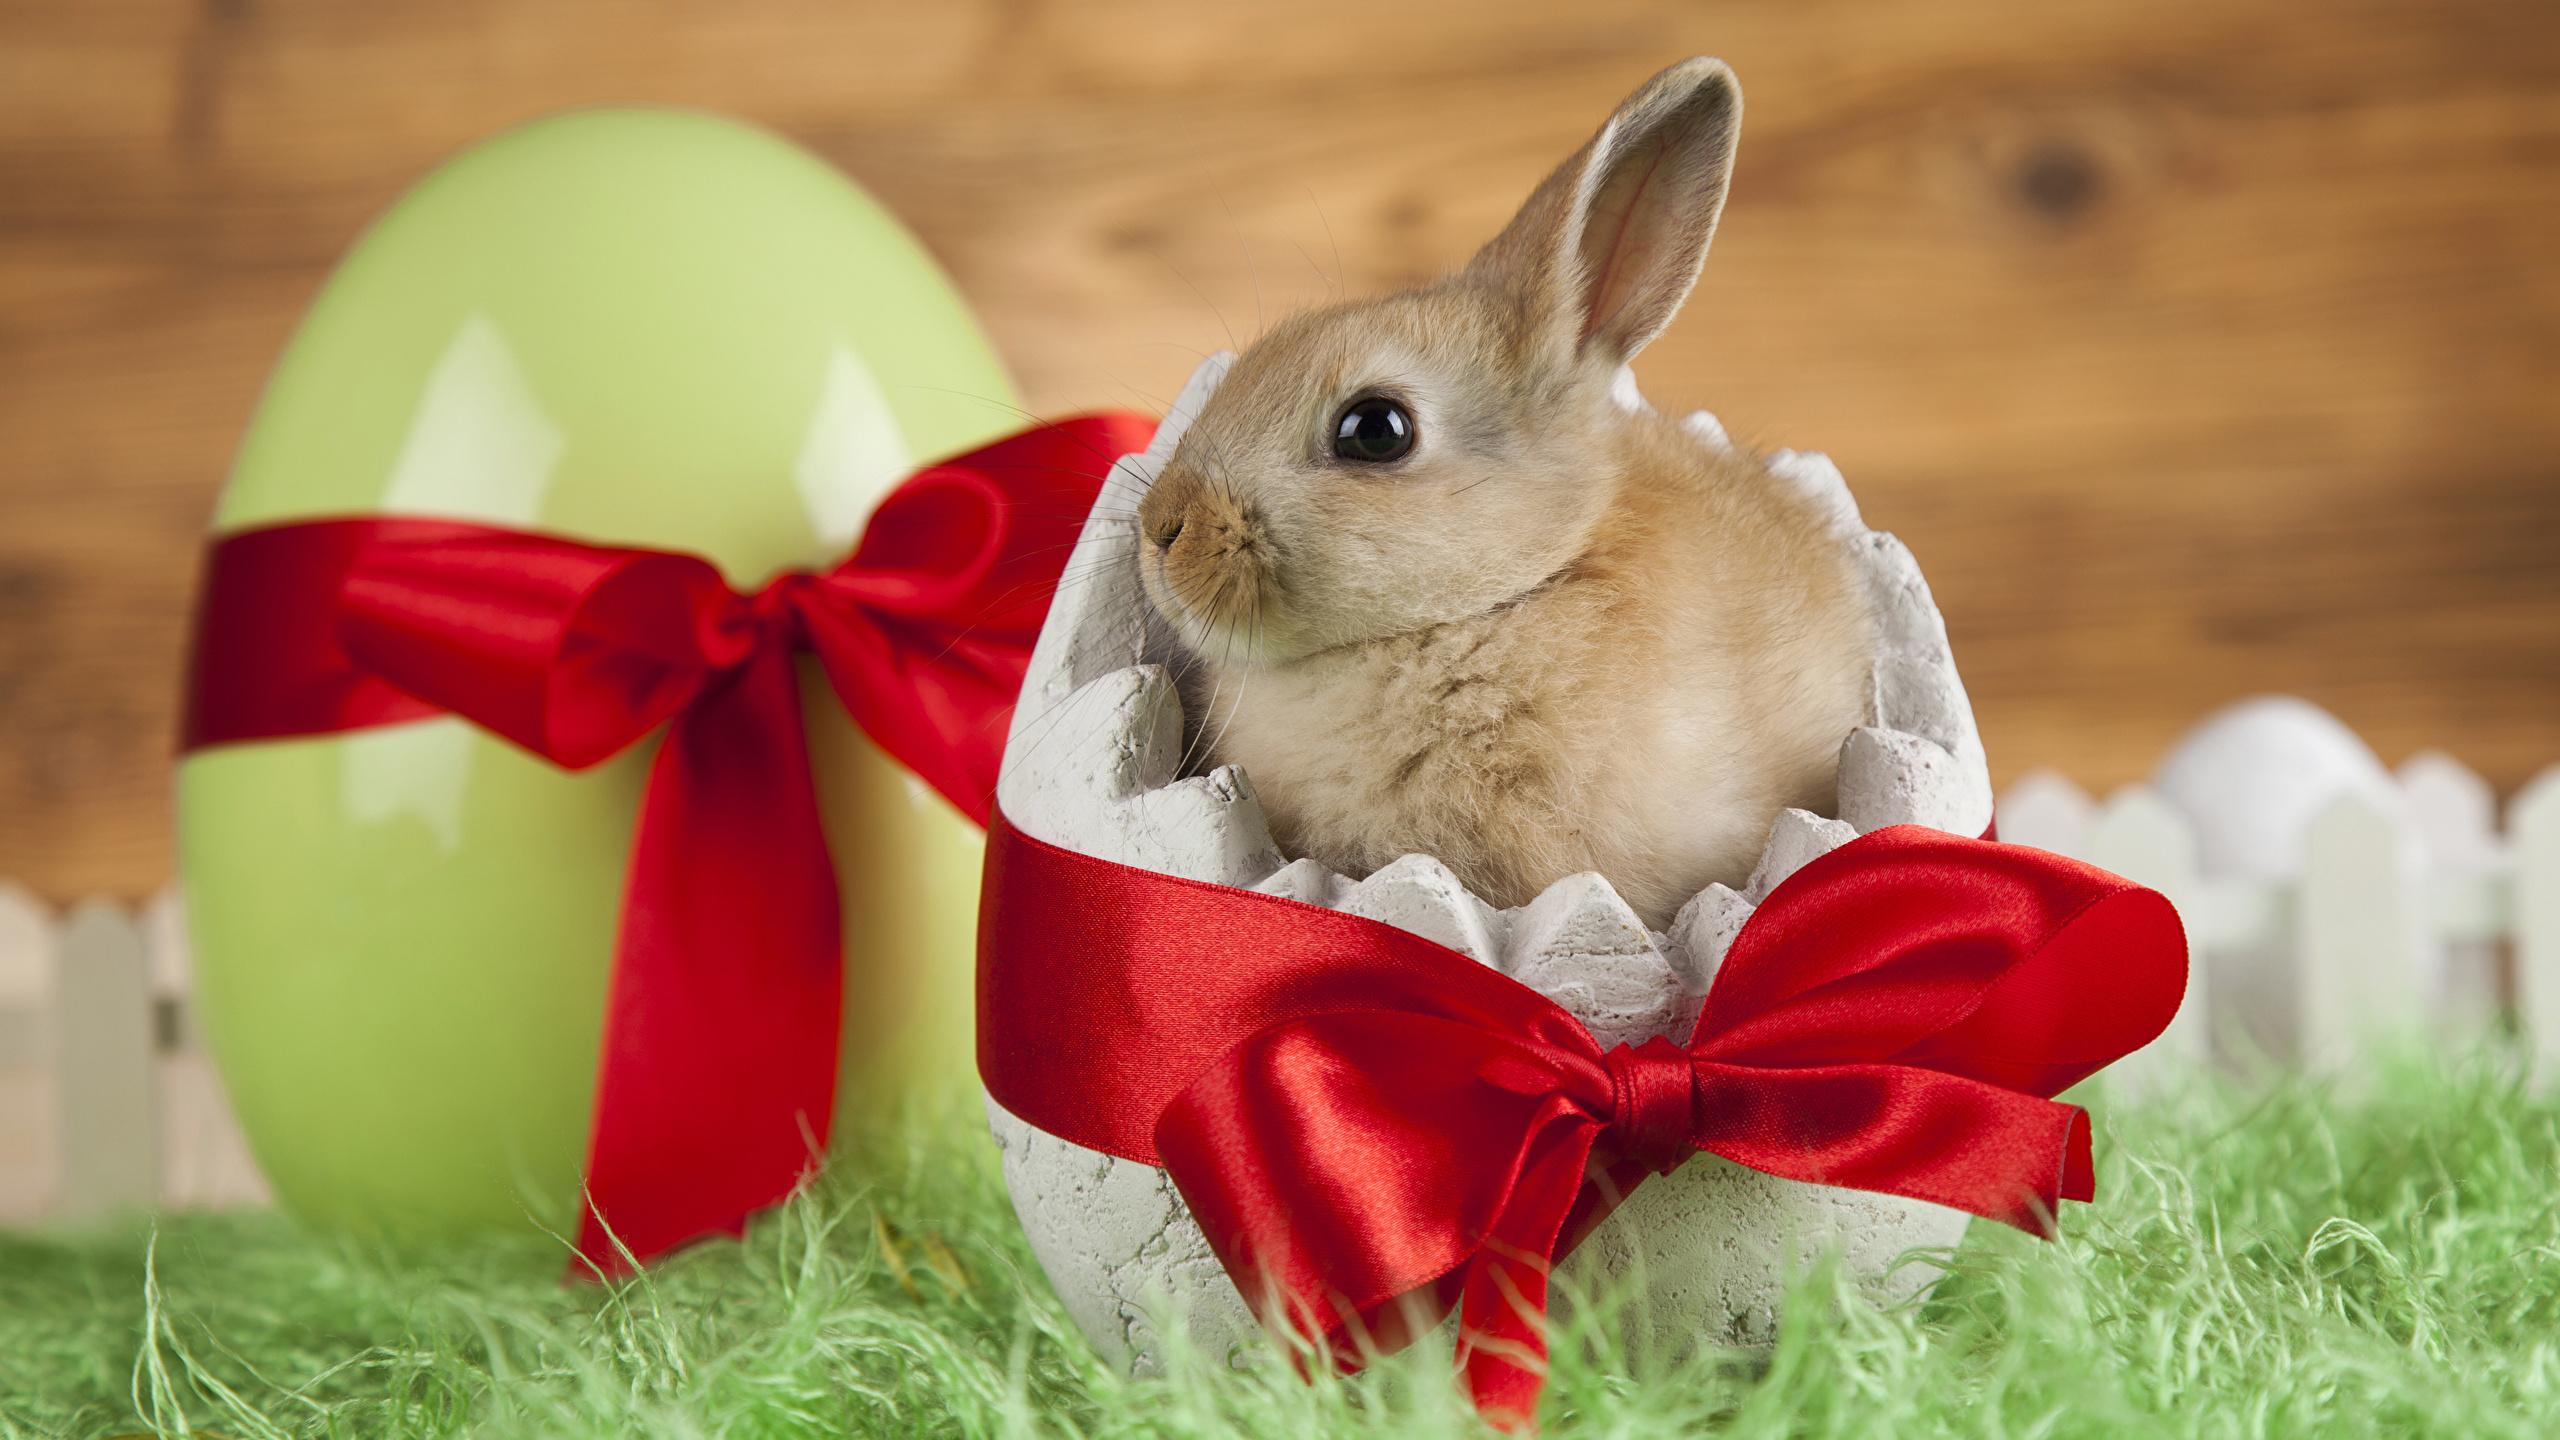 Картинки Пасха Кролики Детеныши Яйца Бантик животное 2560x1440 яиц яйцо яйцами бант бантики Животные